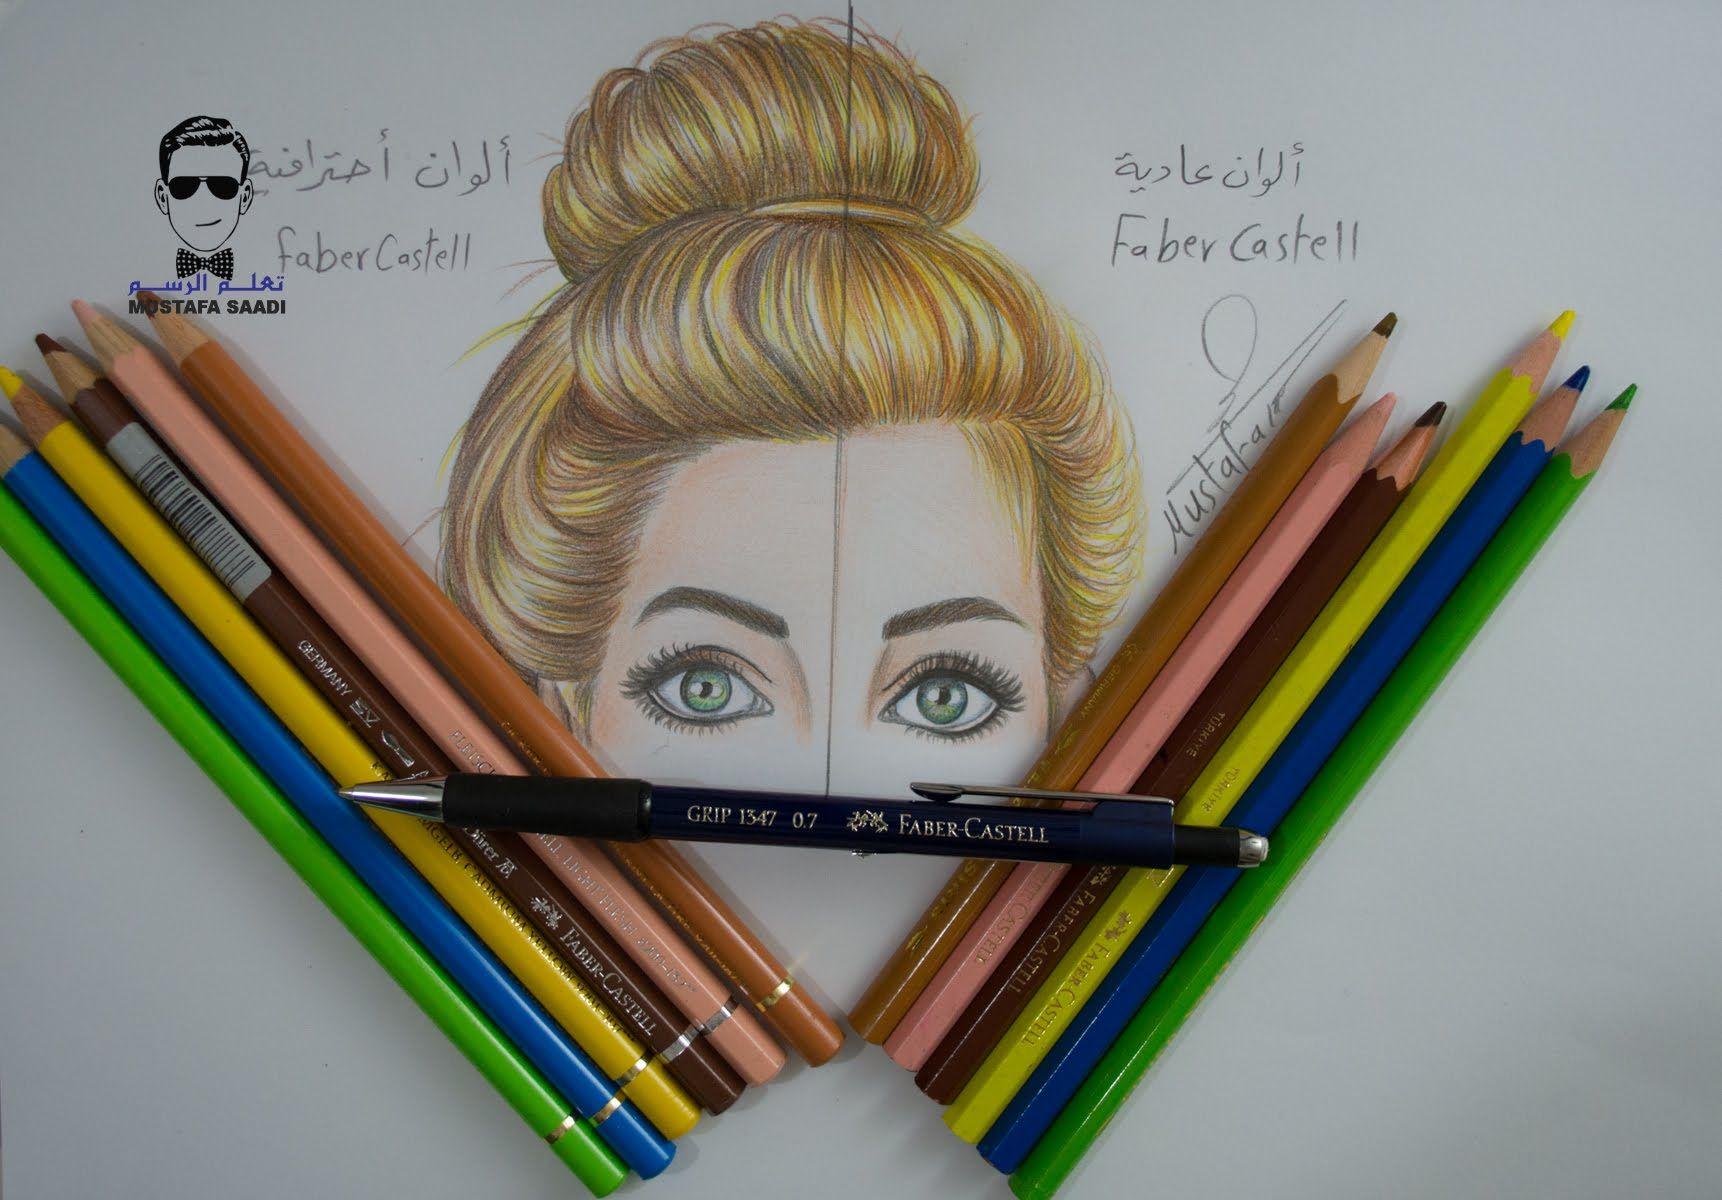 كيفية رسم الشعر بالالوان الخشبية وفرق الالوان الاحترافية عن الاعتيادية Youtube How To Draw Hair Color Pencil Art Face Drawing